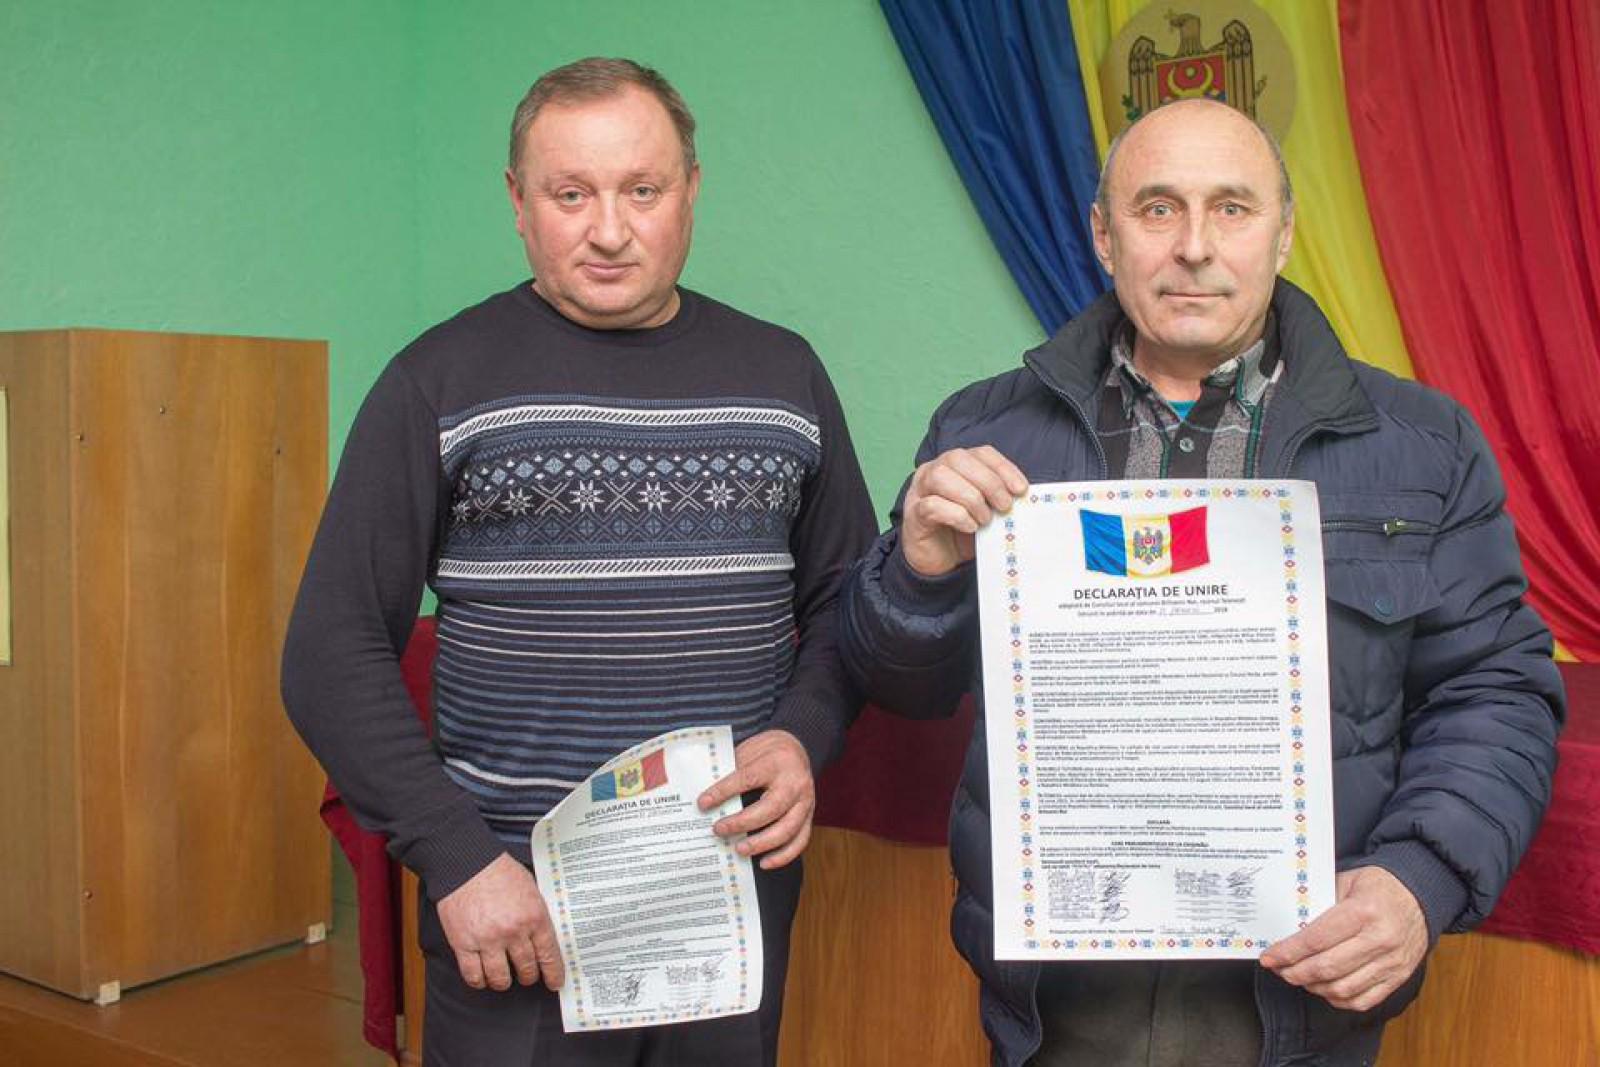 """(foto) Localitatea Brînzenii Noi, Telenești a votat Unirea: """"O zi istorică pentru comuna noastră"""""""